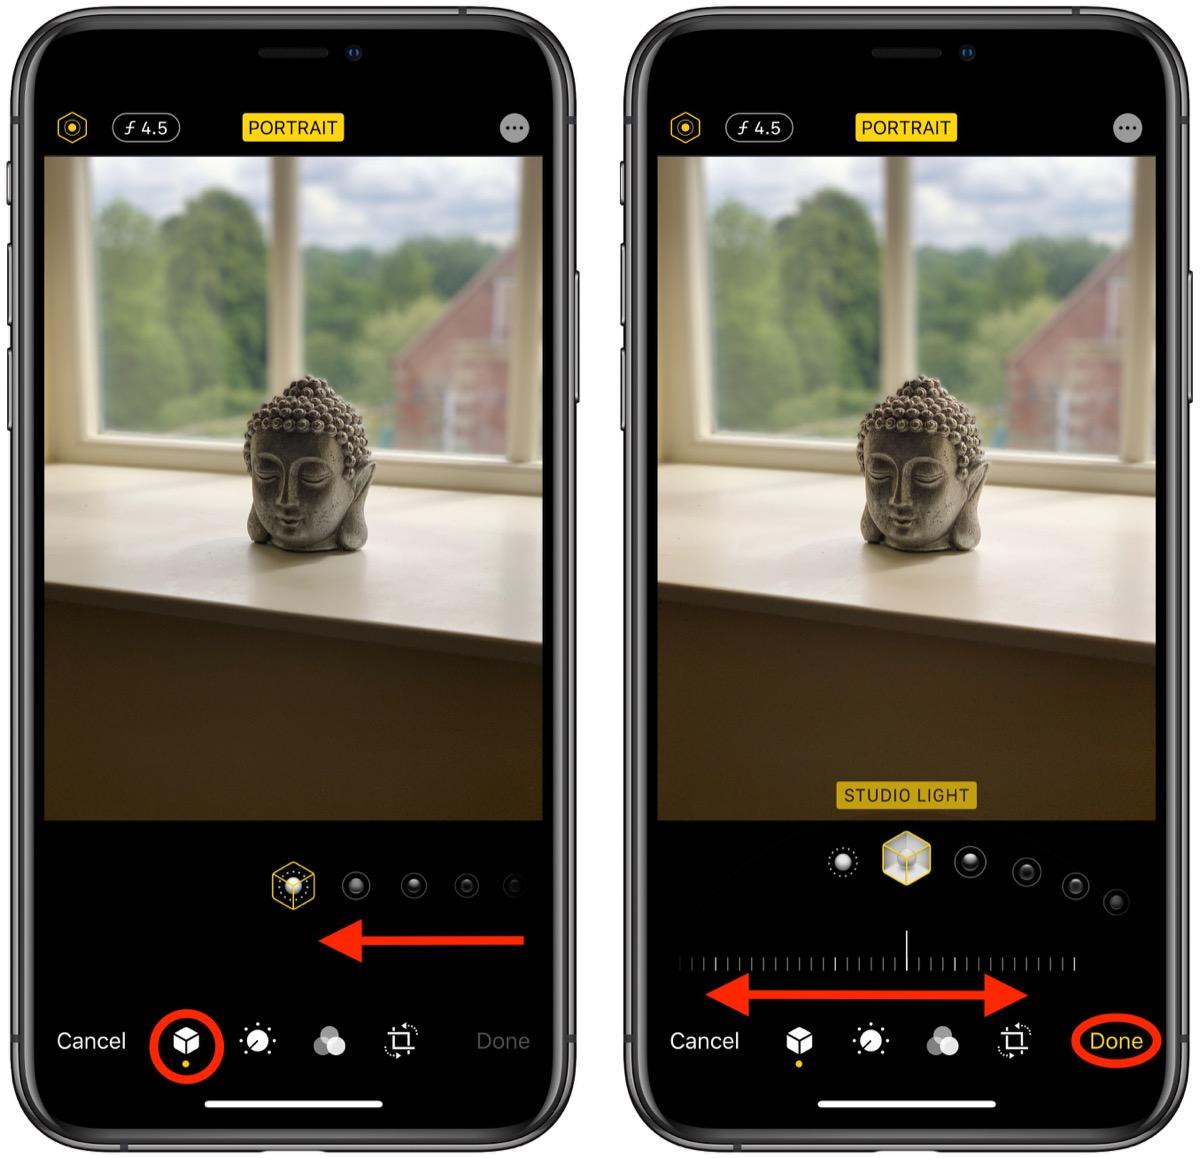 如何在 iPhone 上使用「人像模式」并调整光效?